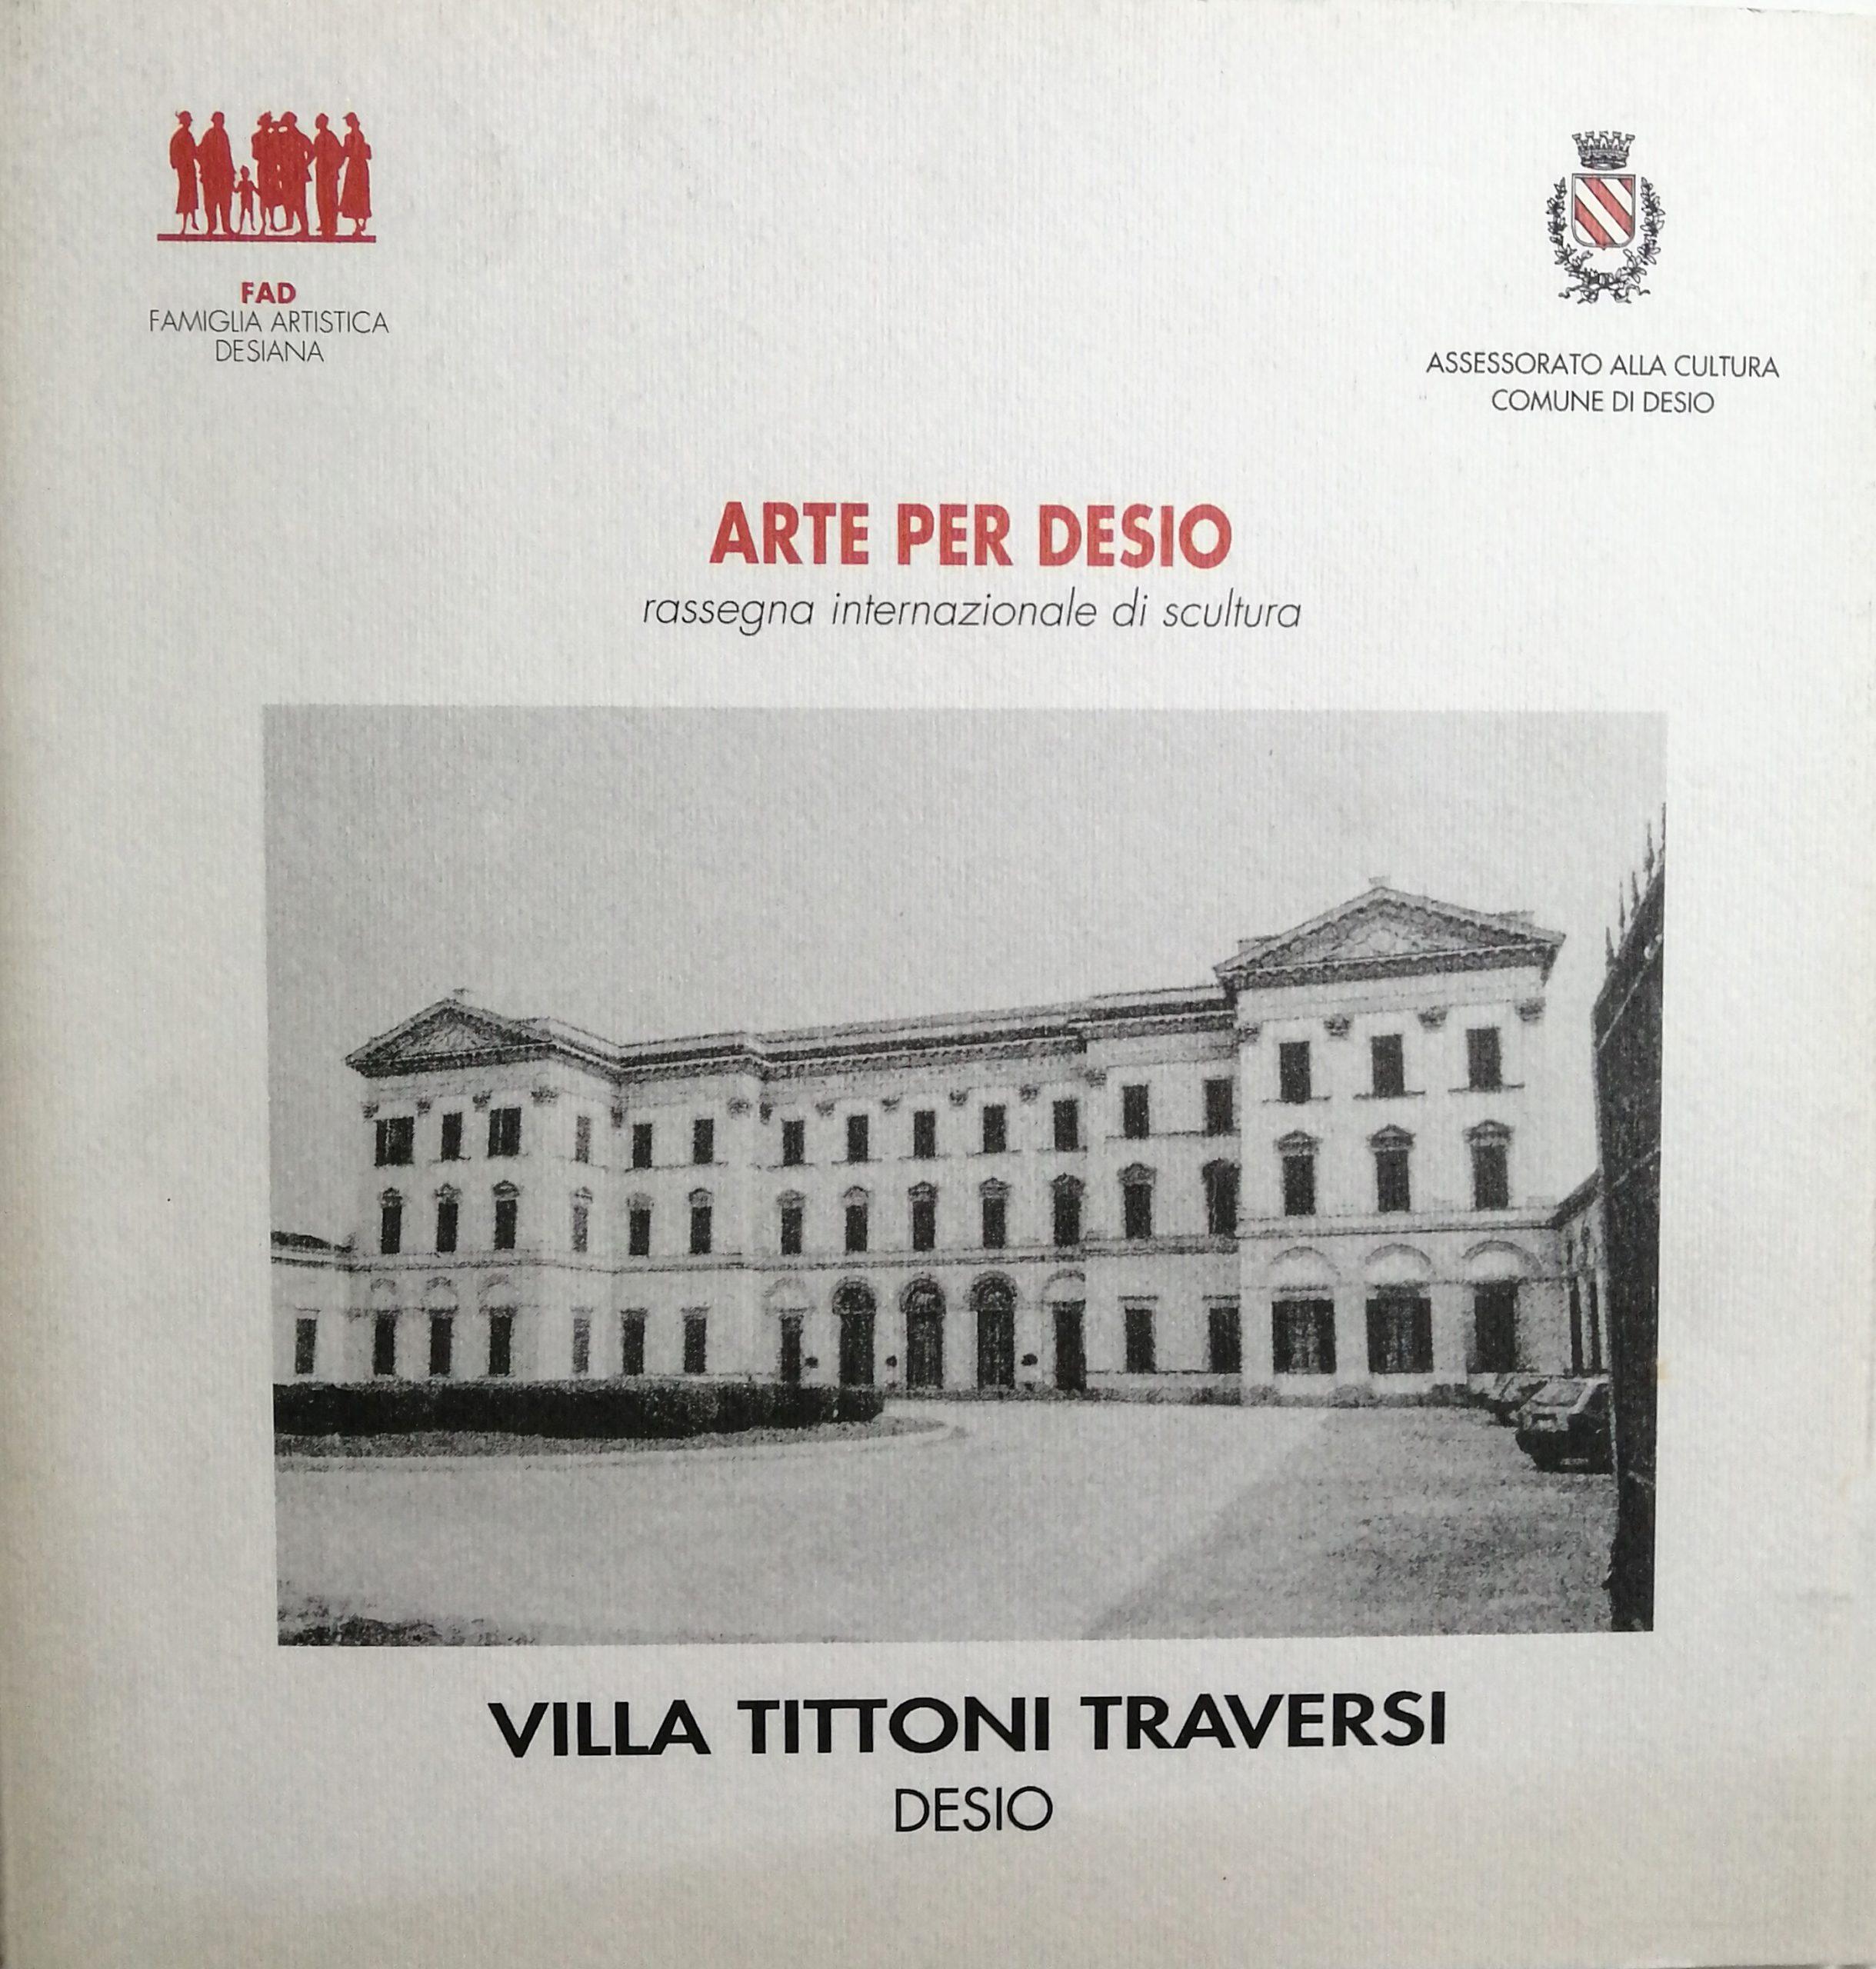 1994 Arte per Desio Villa Tittoni Traversi Desio scaled - Bibliography/ Catalogues